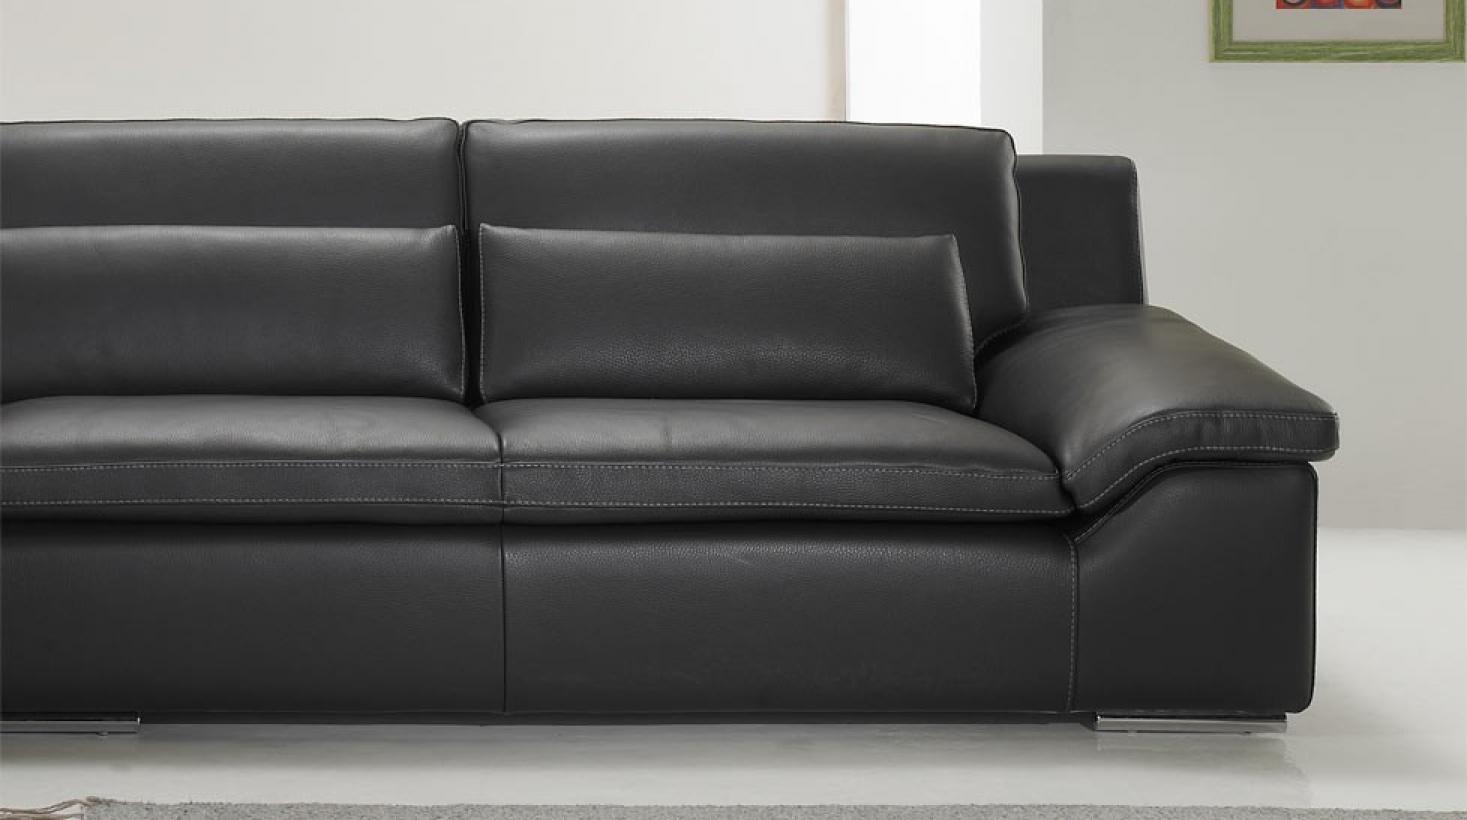 canap convertible haut de gamme pas cher maison et mobilier d 39 int rieur. Black Bedroom Furniture Sets. Home Design Ideas